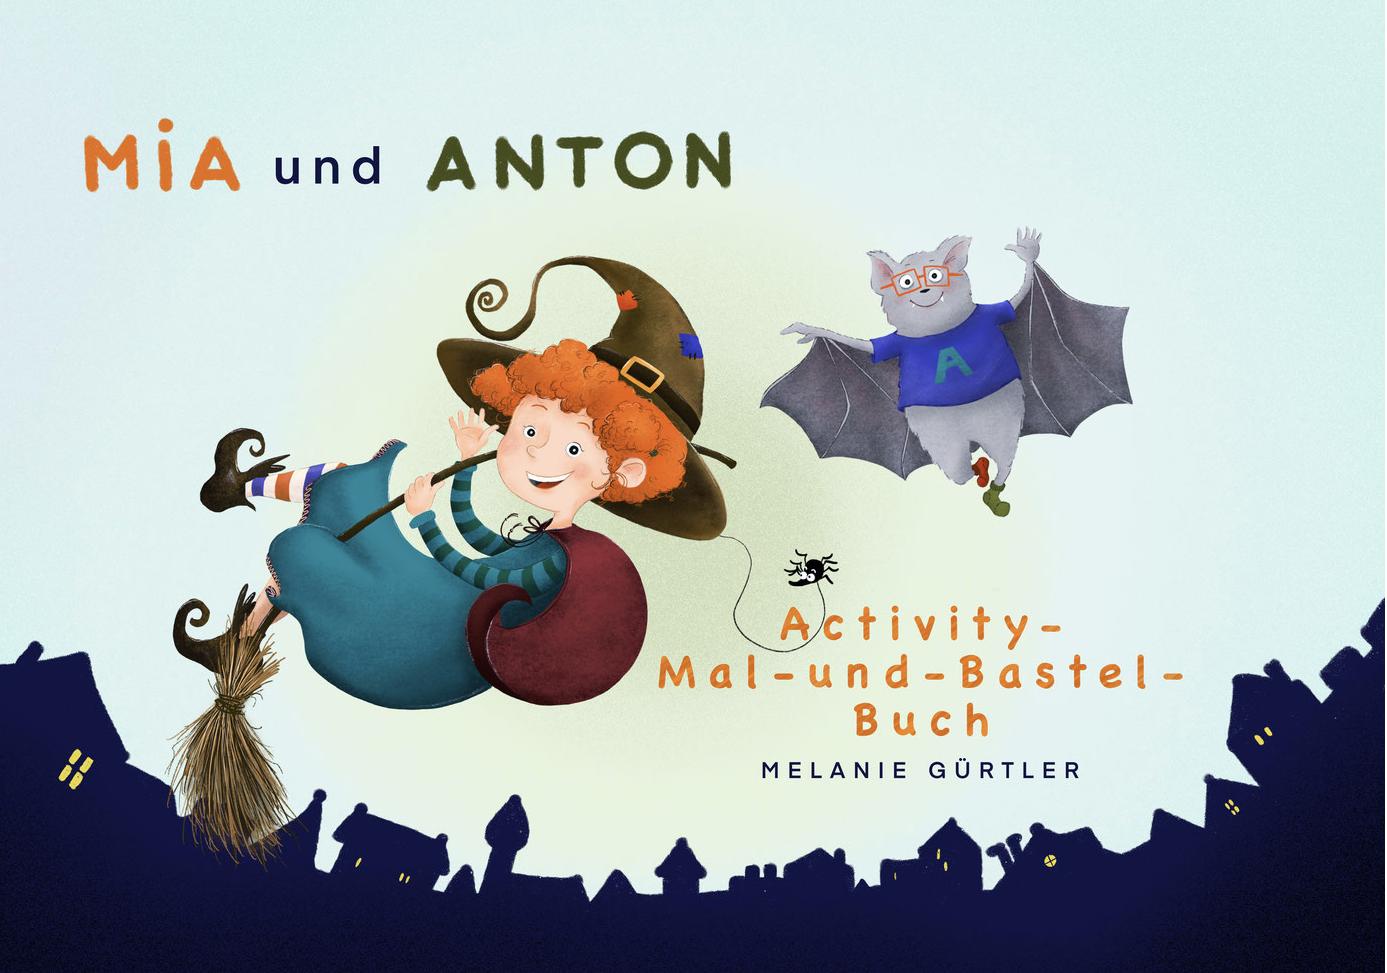 Activitybuch Mia und Anton